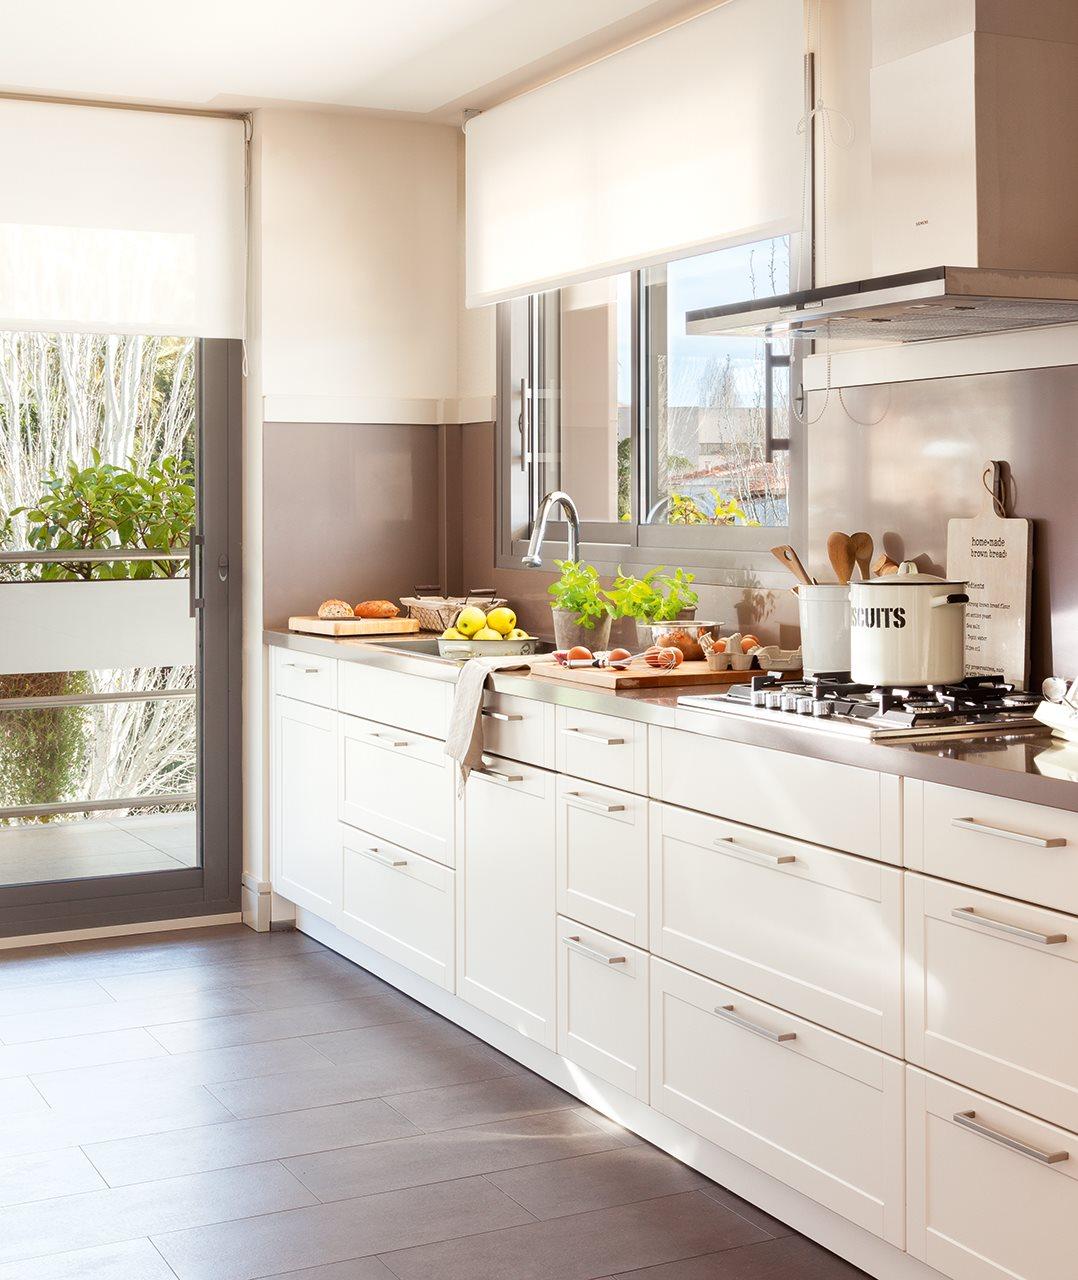 Aprovechar muebles mudanza for Imagenes de cocinas bonitas